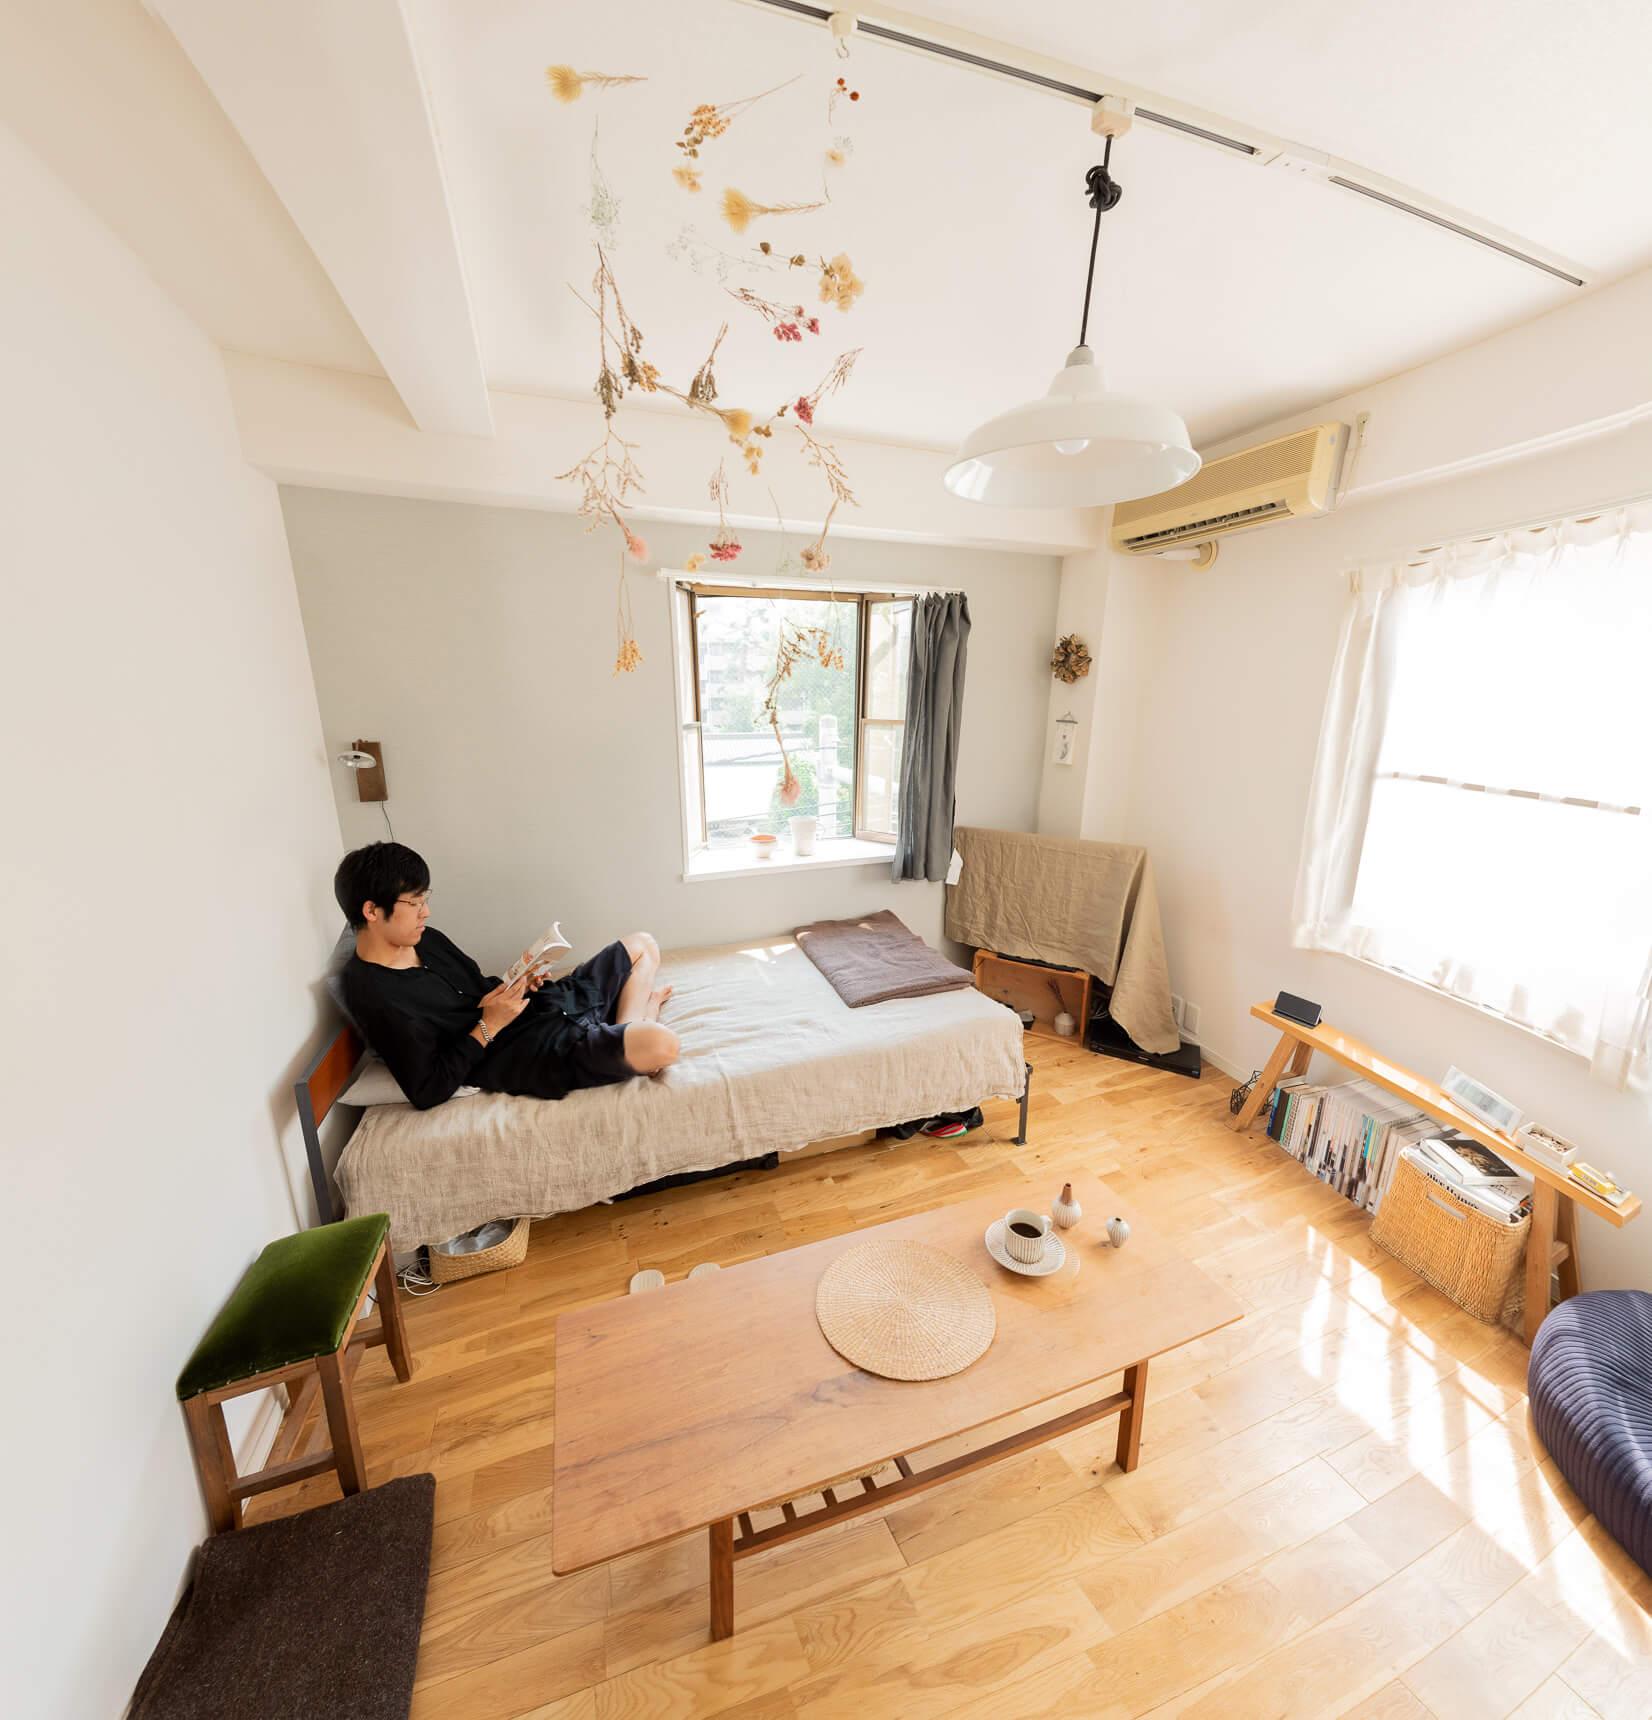 居心地の良いベッドはunicoで購入。シンプルだけどよく見るとあちこち気が利いてるローテーブルは代官山でオーダーしたという。レトロな緑色が映えるスツールは仁平古家具店で見つけたもの。どれもこれもかわいい。